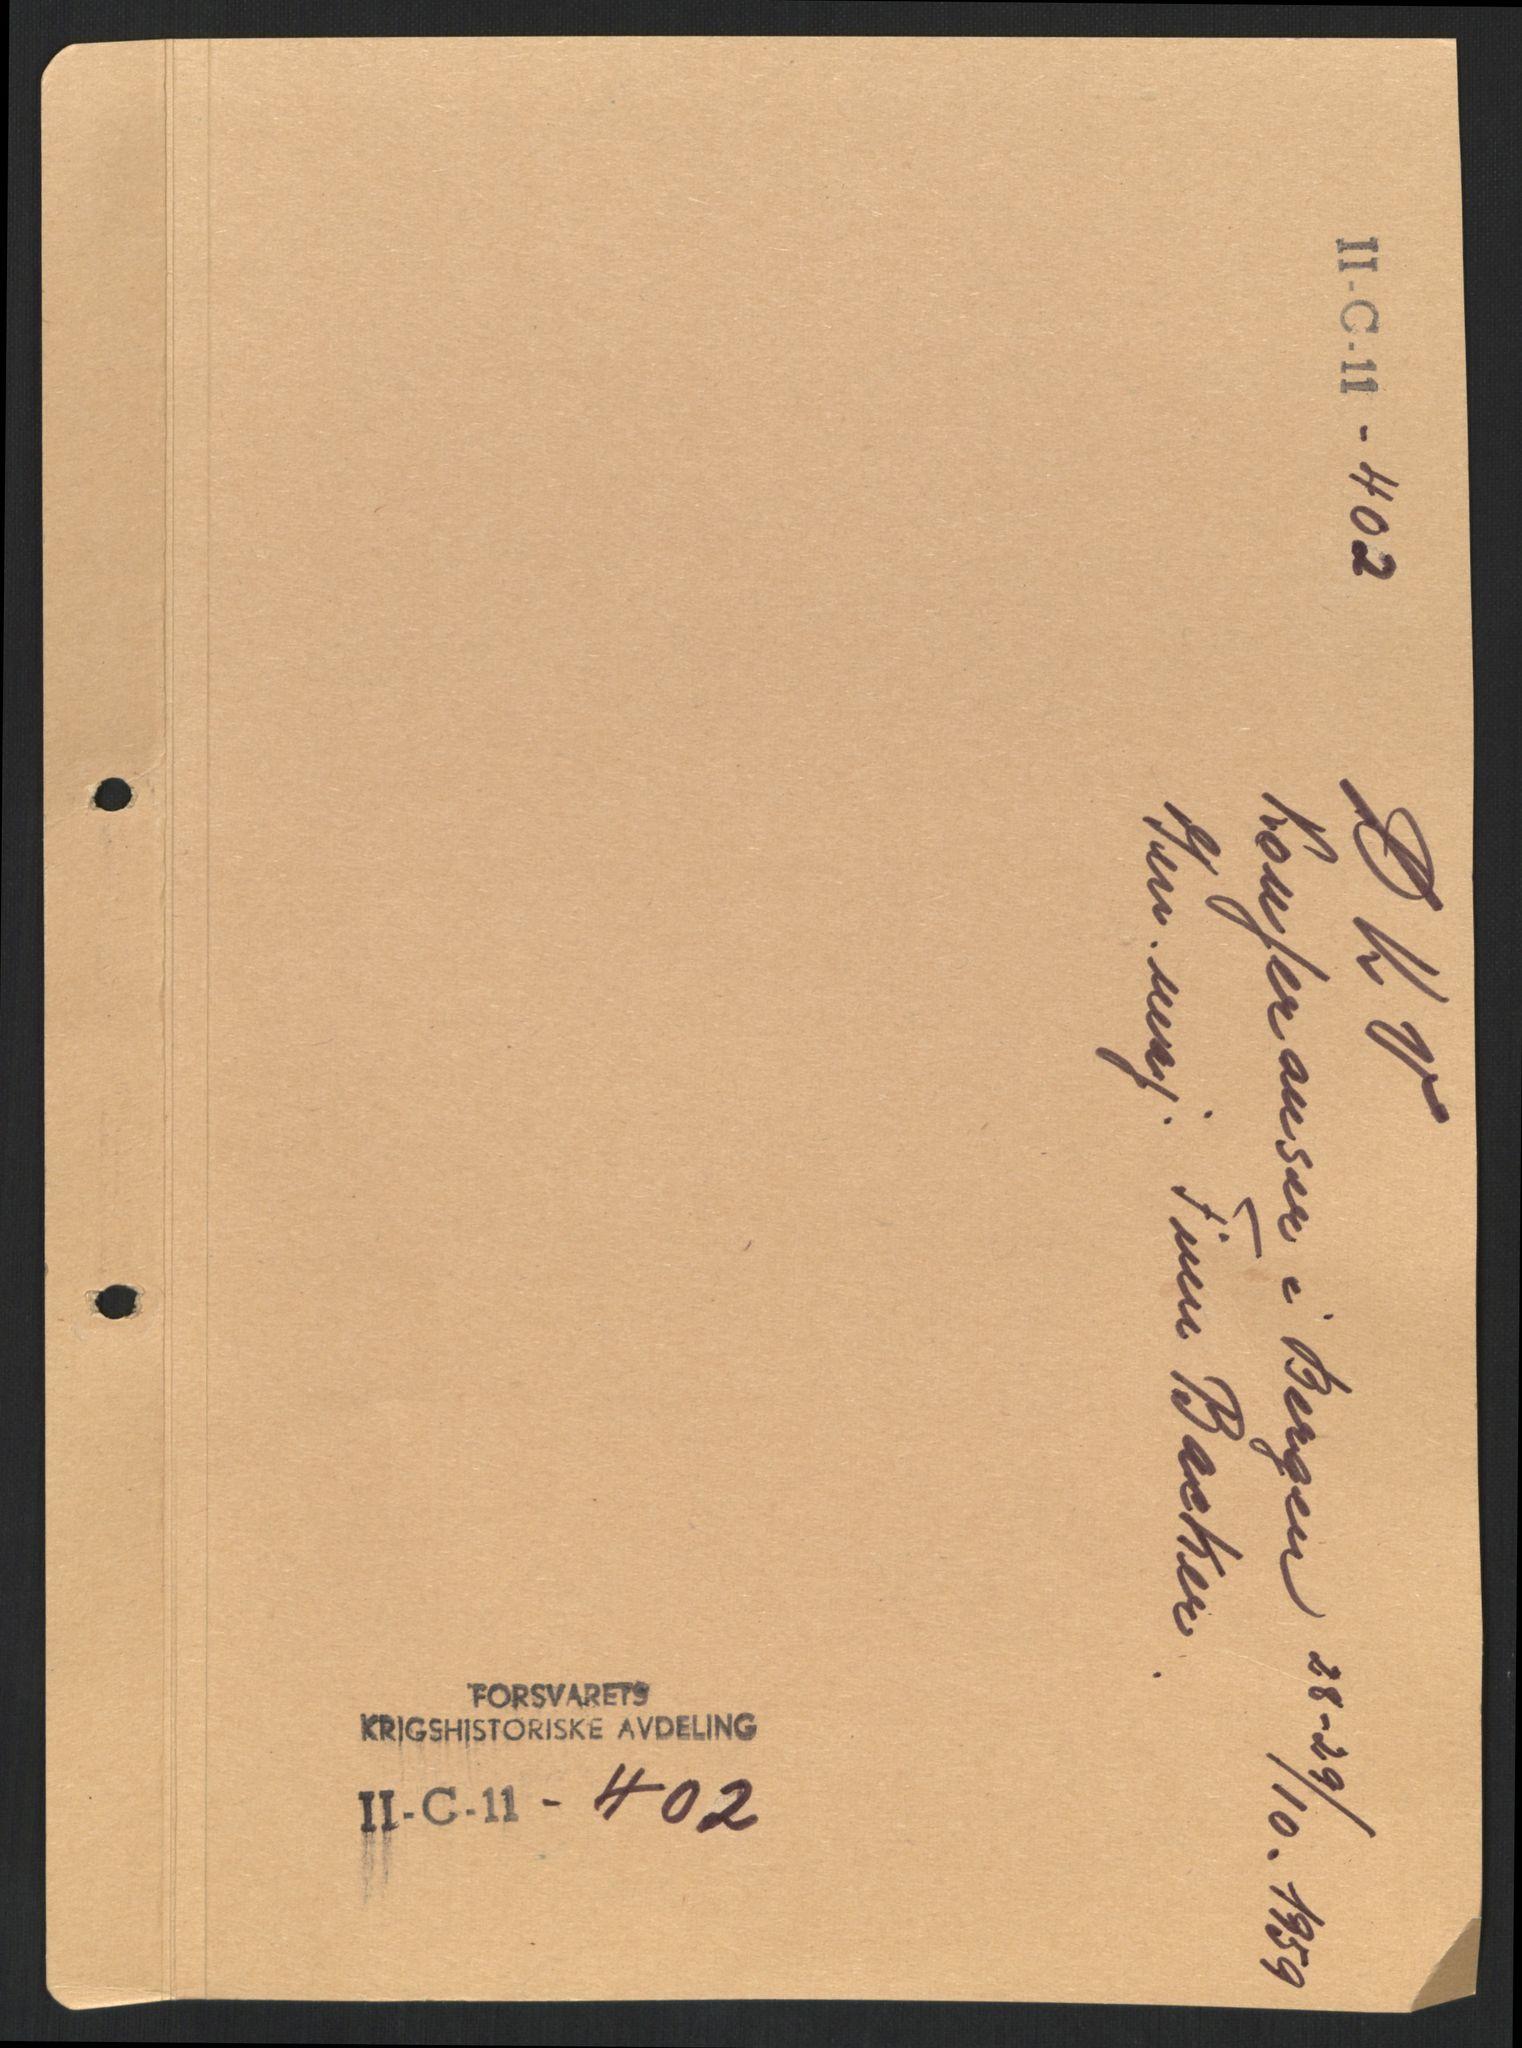 RA, Forsvaret, Forsvarets krigshistoriske avdeling, Y/Yb/L0100: II-C-11-401-402  -  4. Divisjon., 1940-1962, s. 162